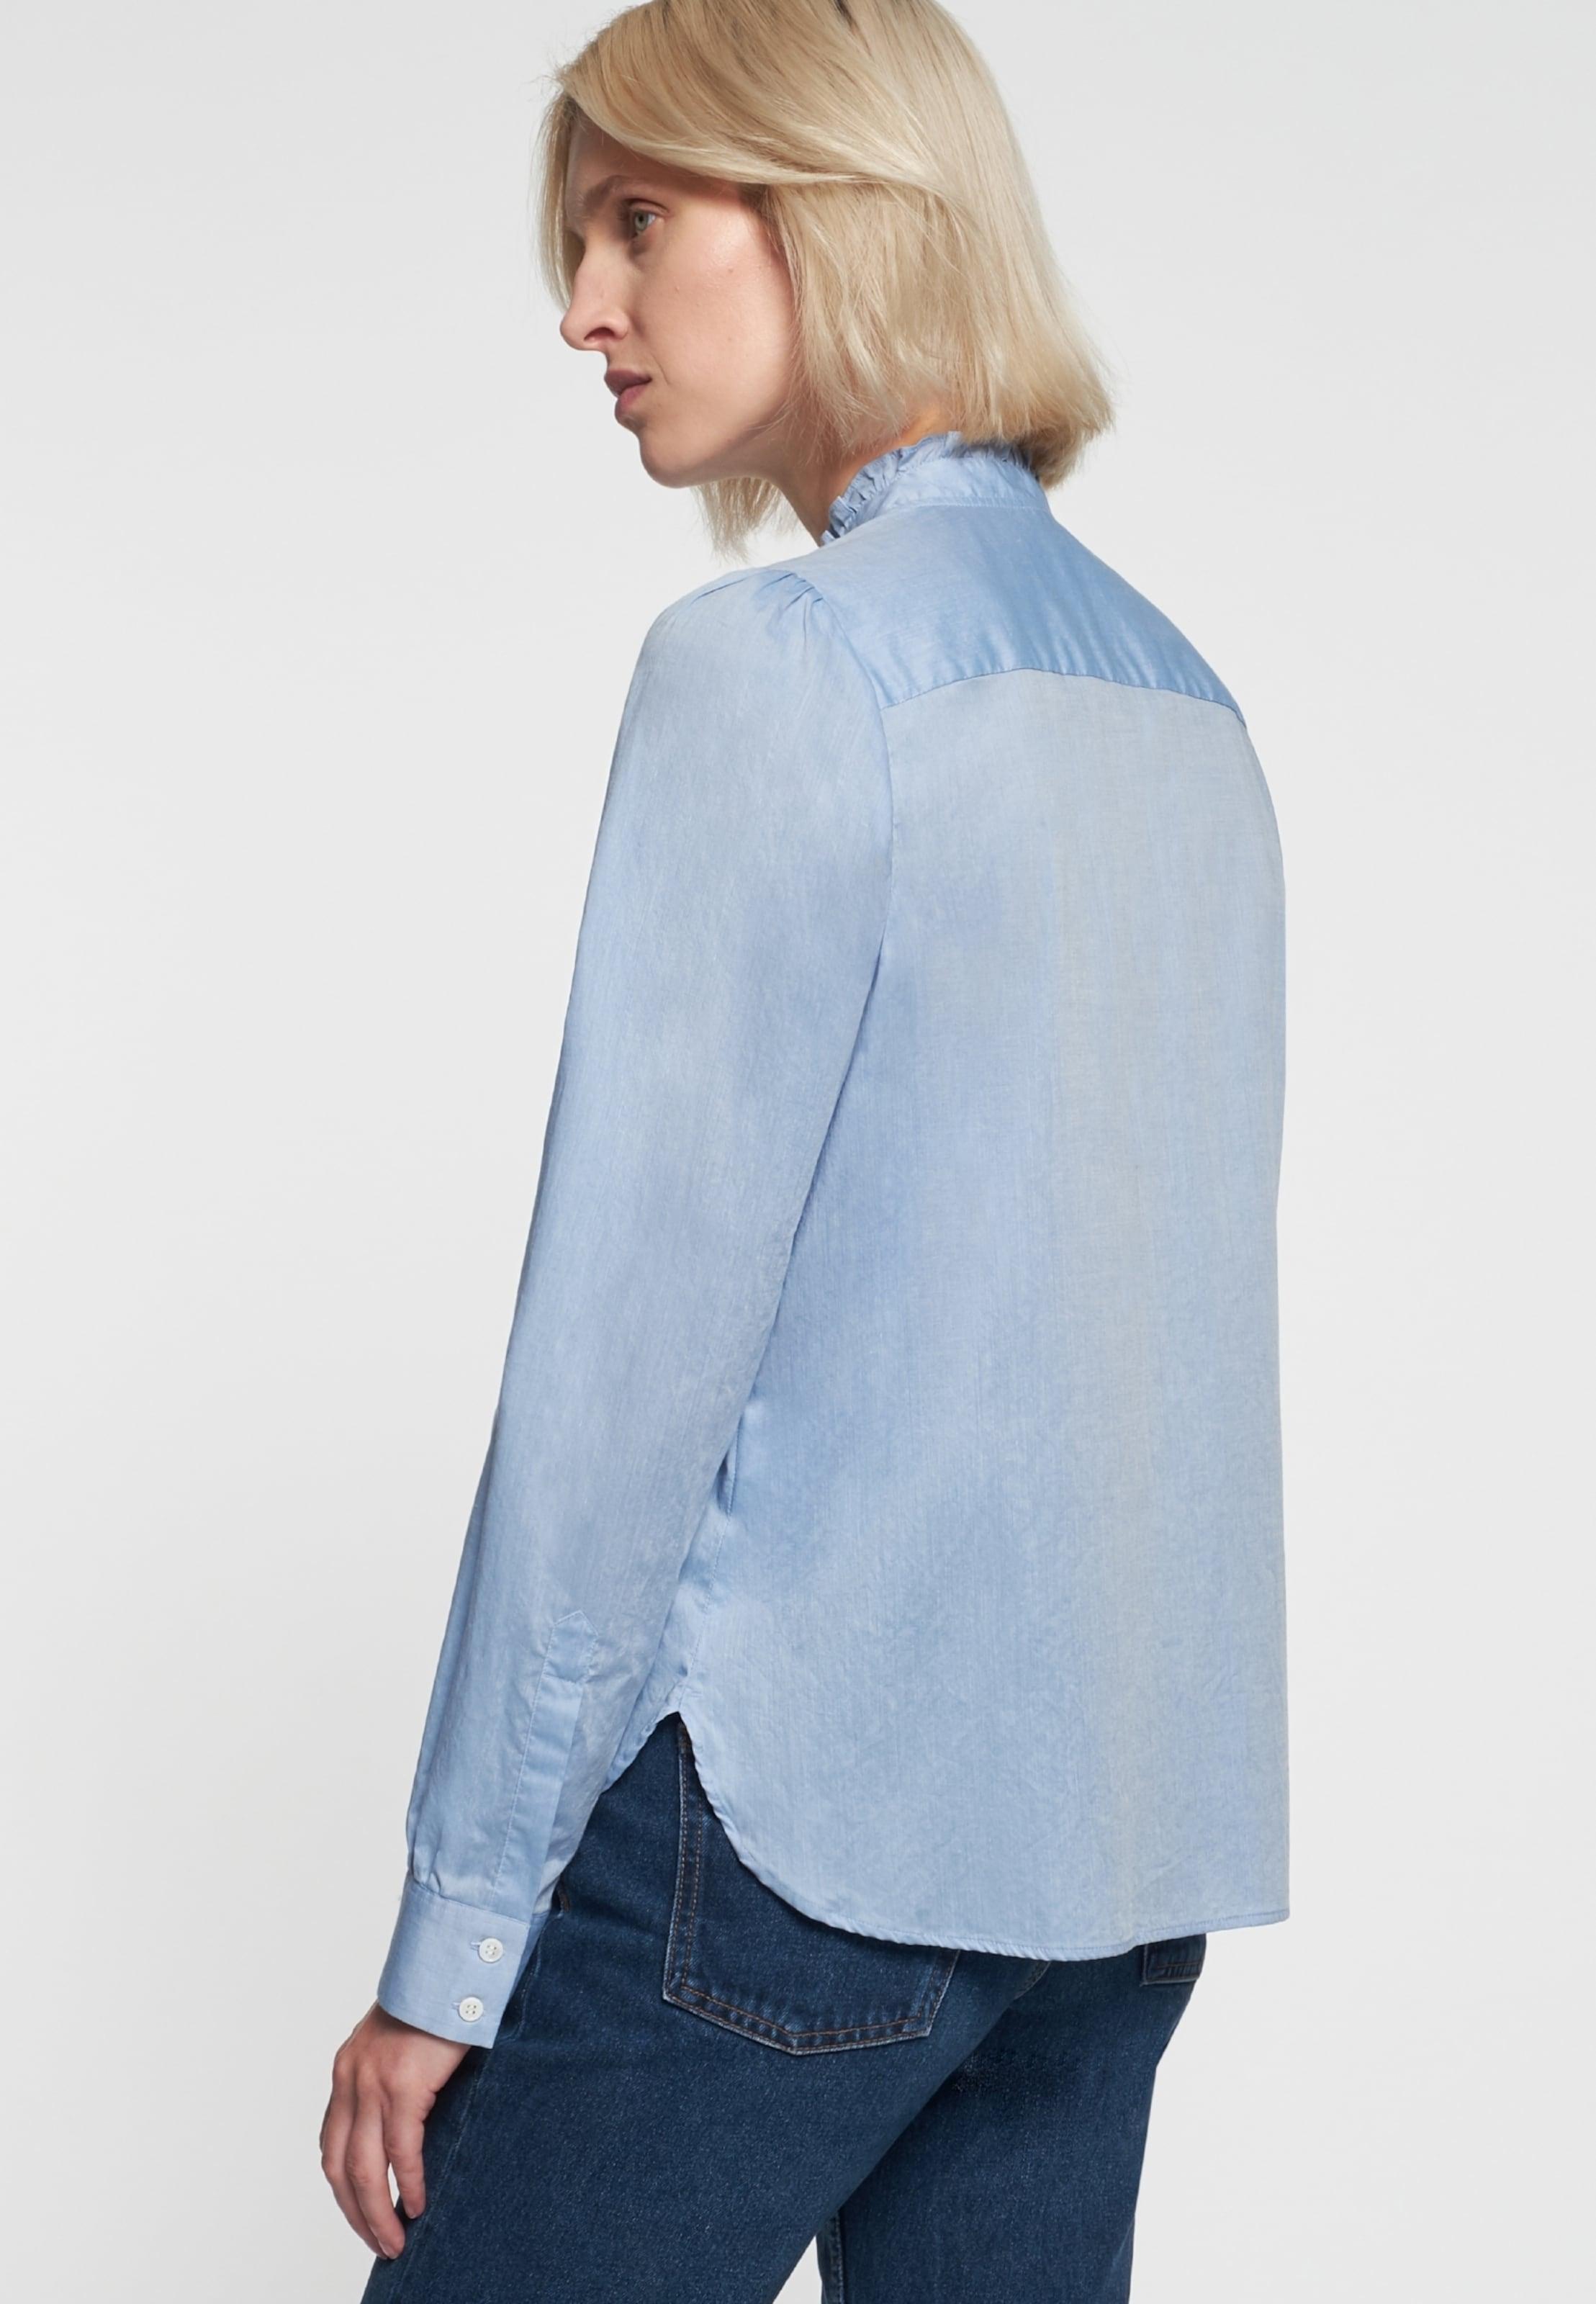 Bluse Rose' Hellblau Seidensticker In 'schwarze 3ALR45j